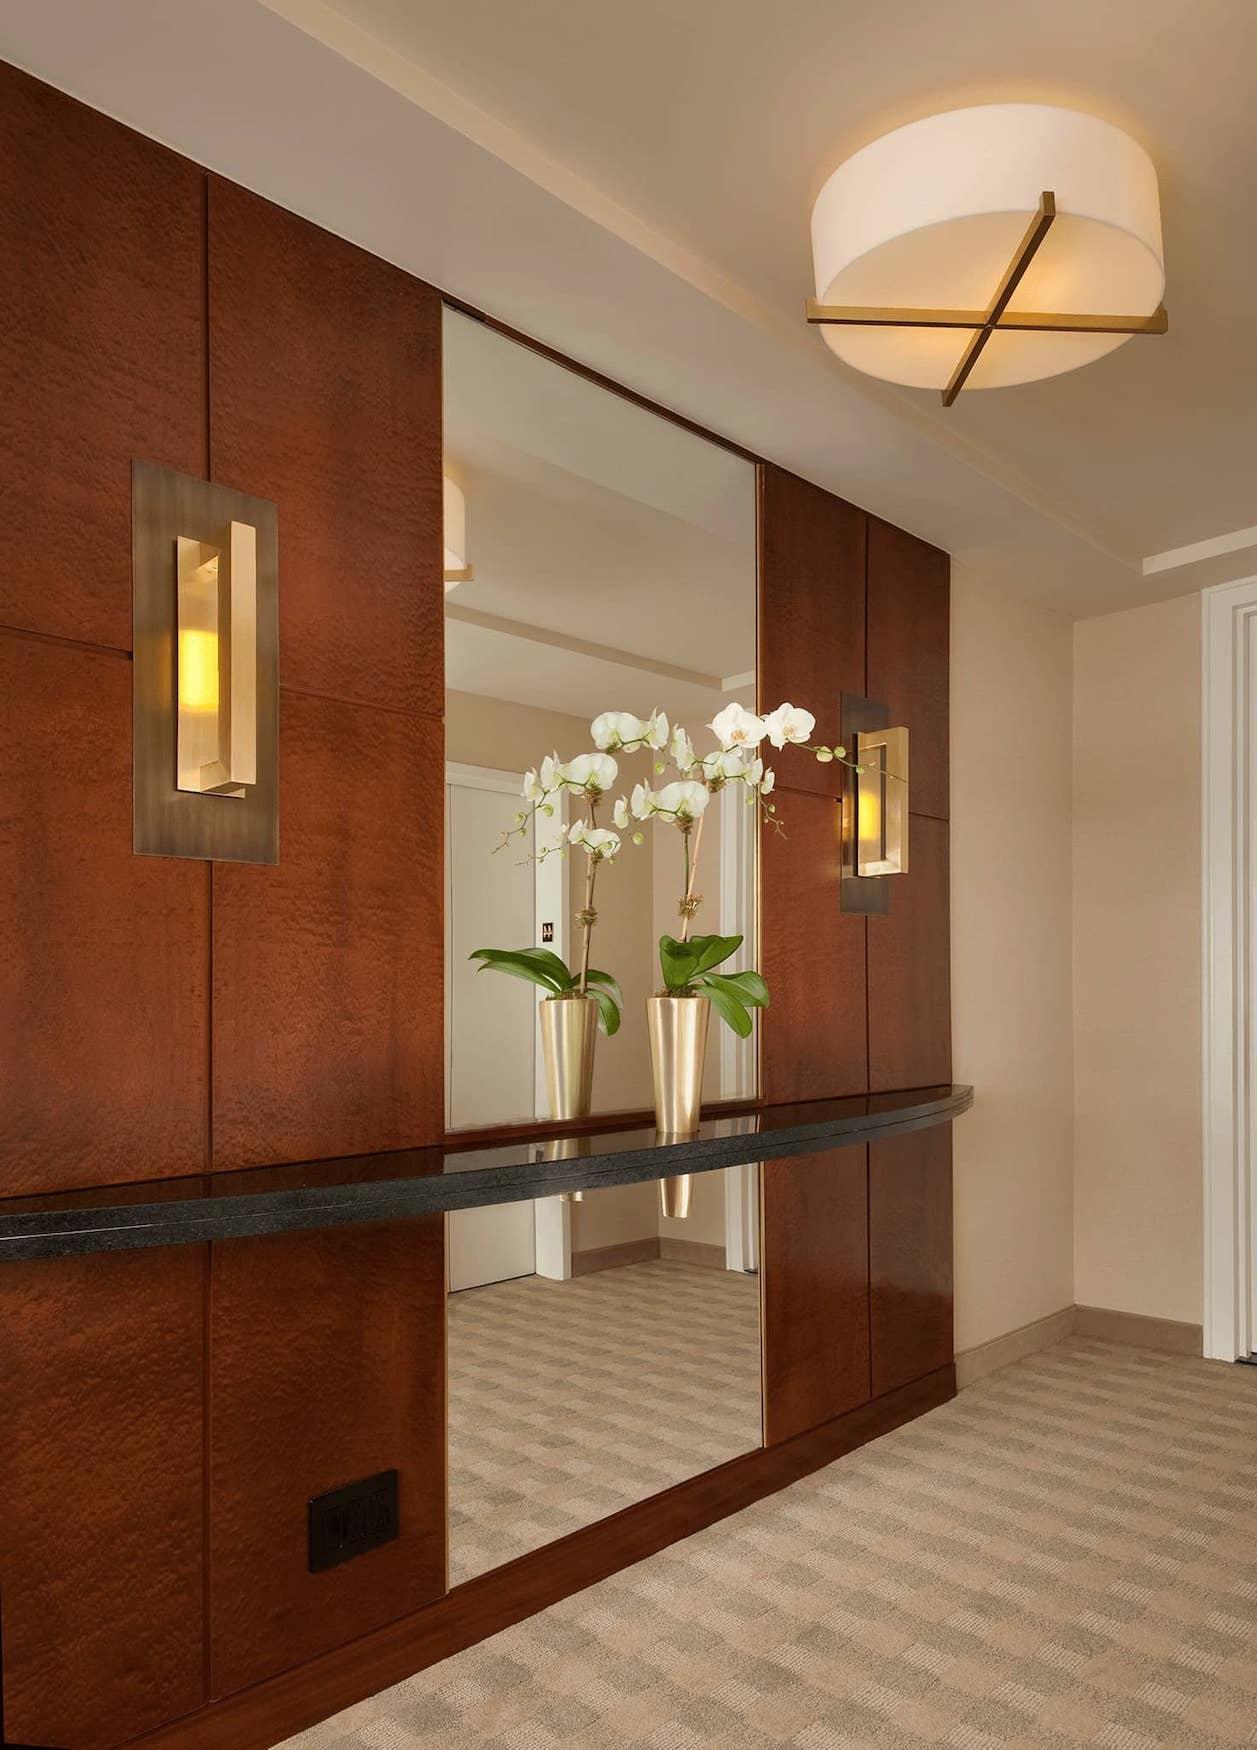 Hallway at Millenium Tower